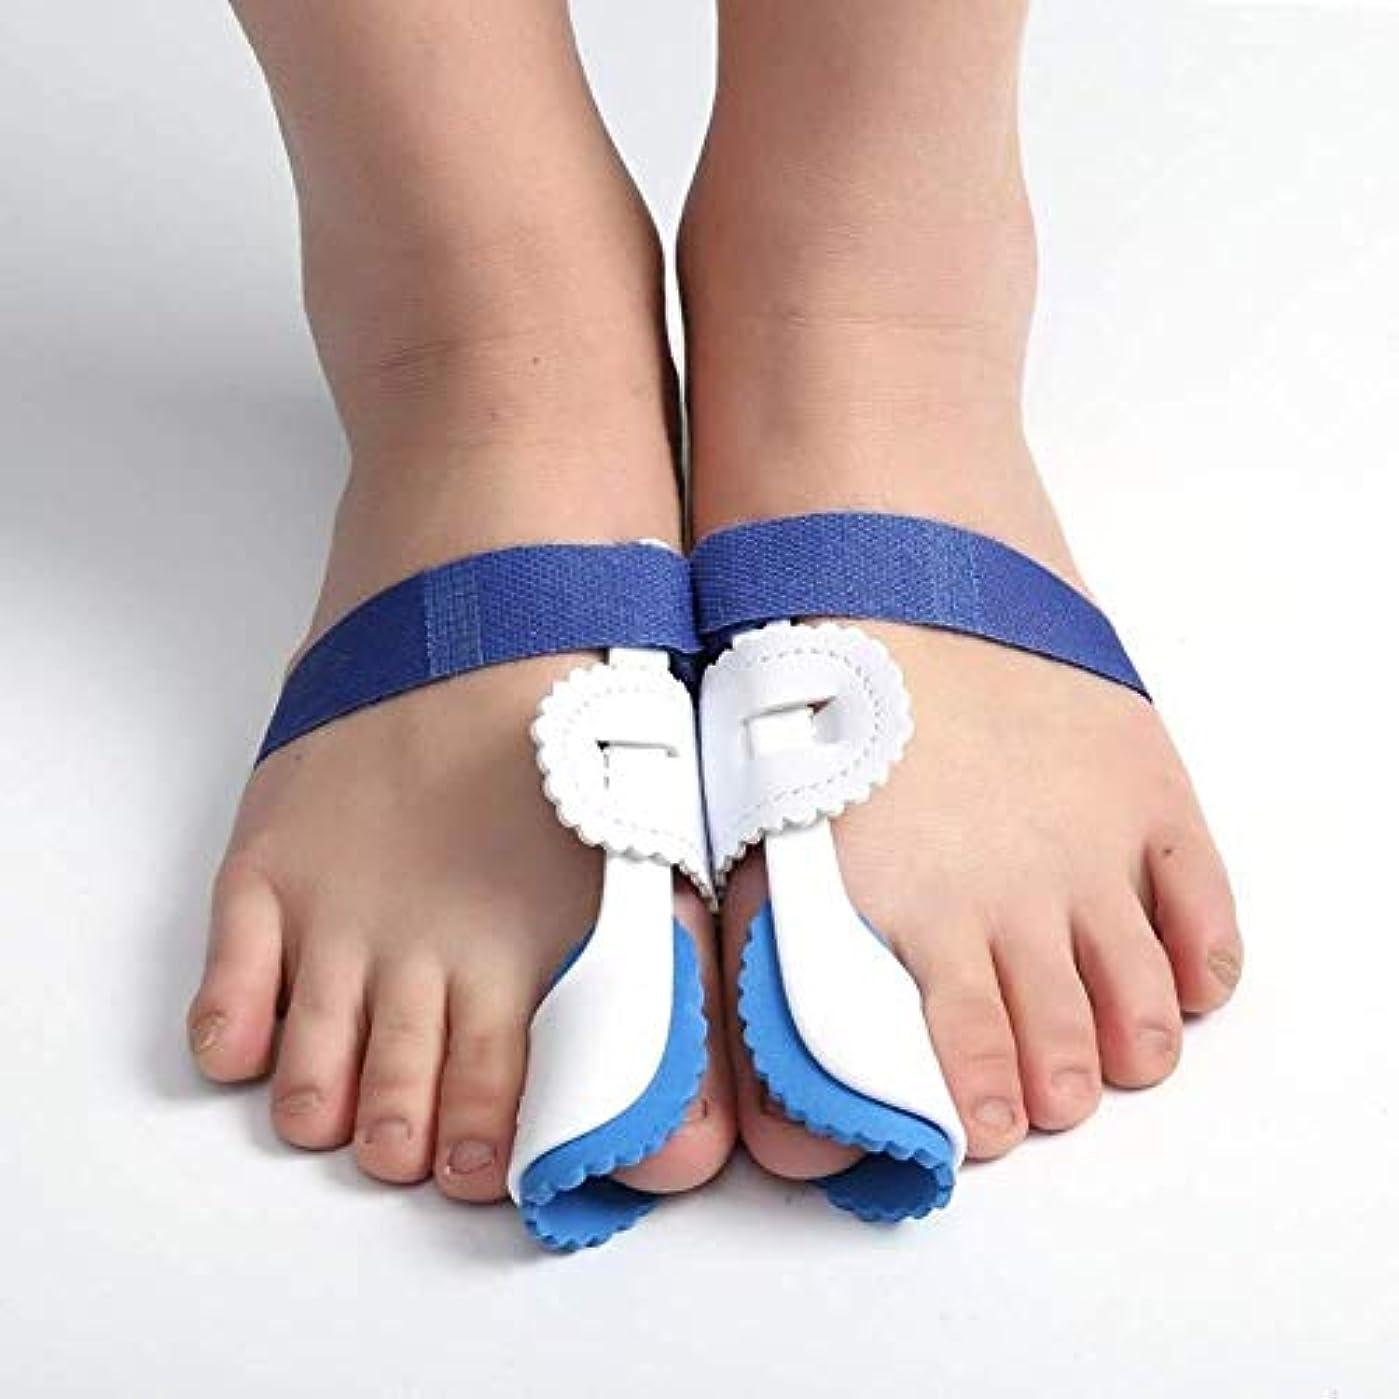 復活させる火曜日有益外反母趾装具ブレース外反母趾-Adjustableベルクロ足ストレイテナーのために足の親指の装具の足プロテクター、